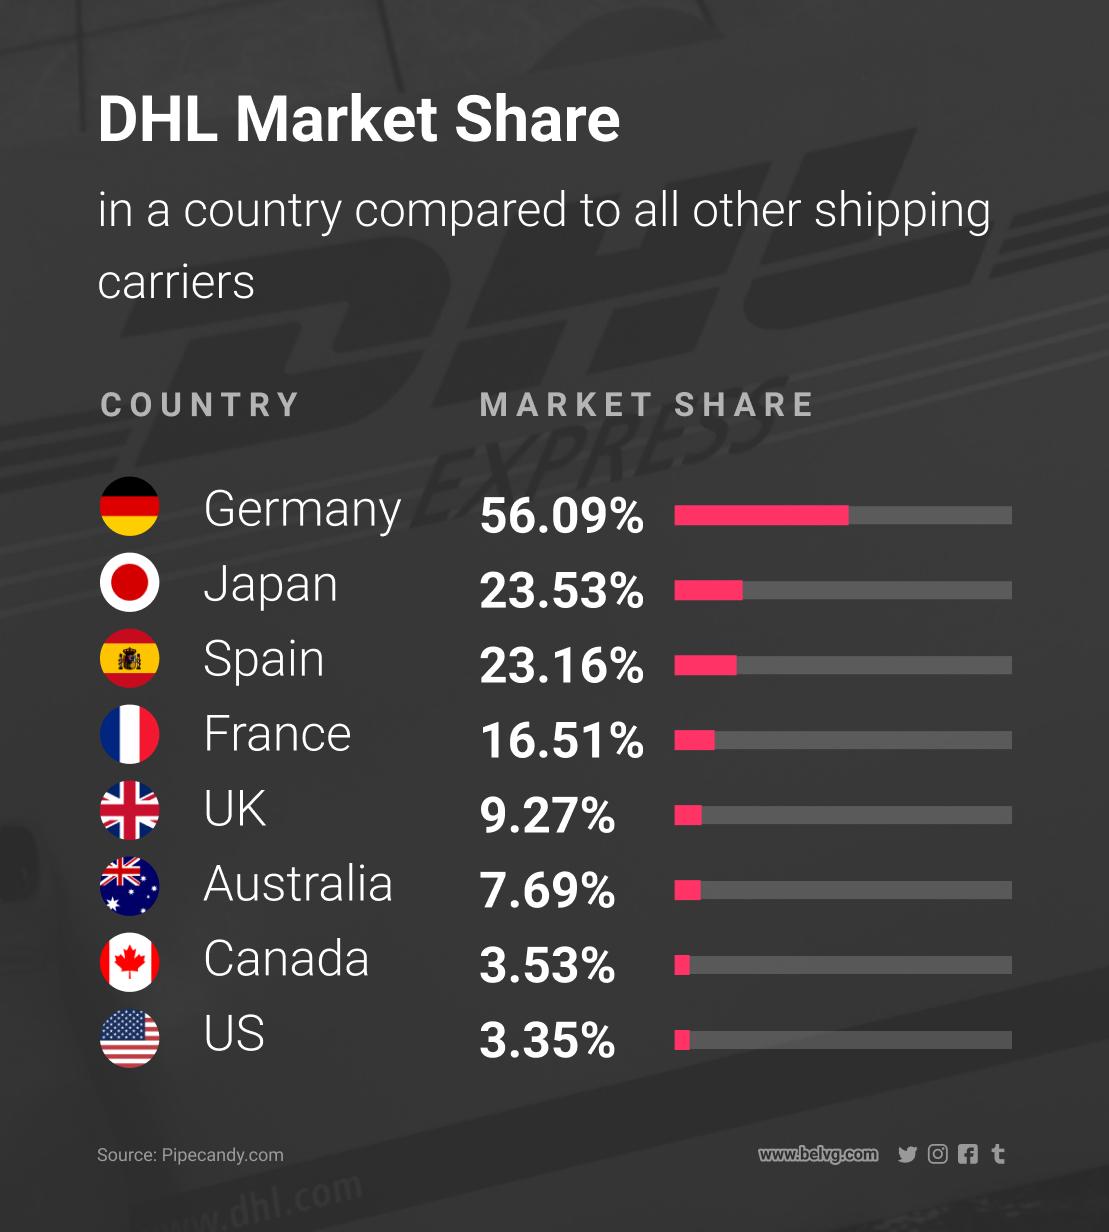 diferentes métodos de envío para enviar productos DHL